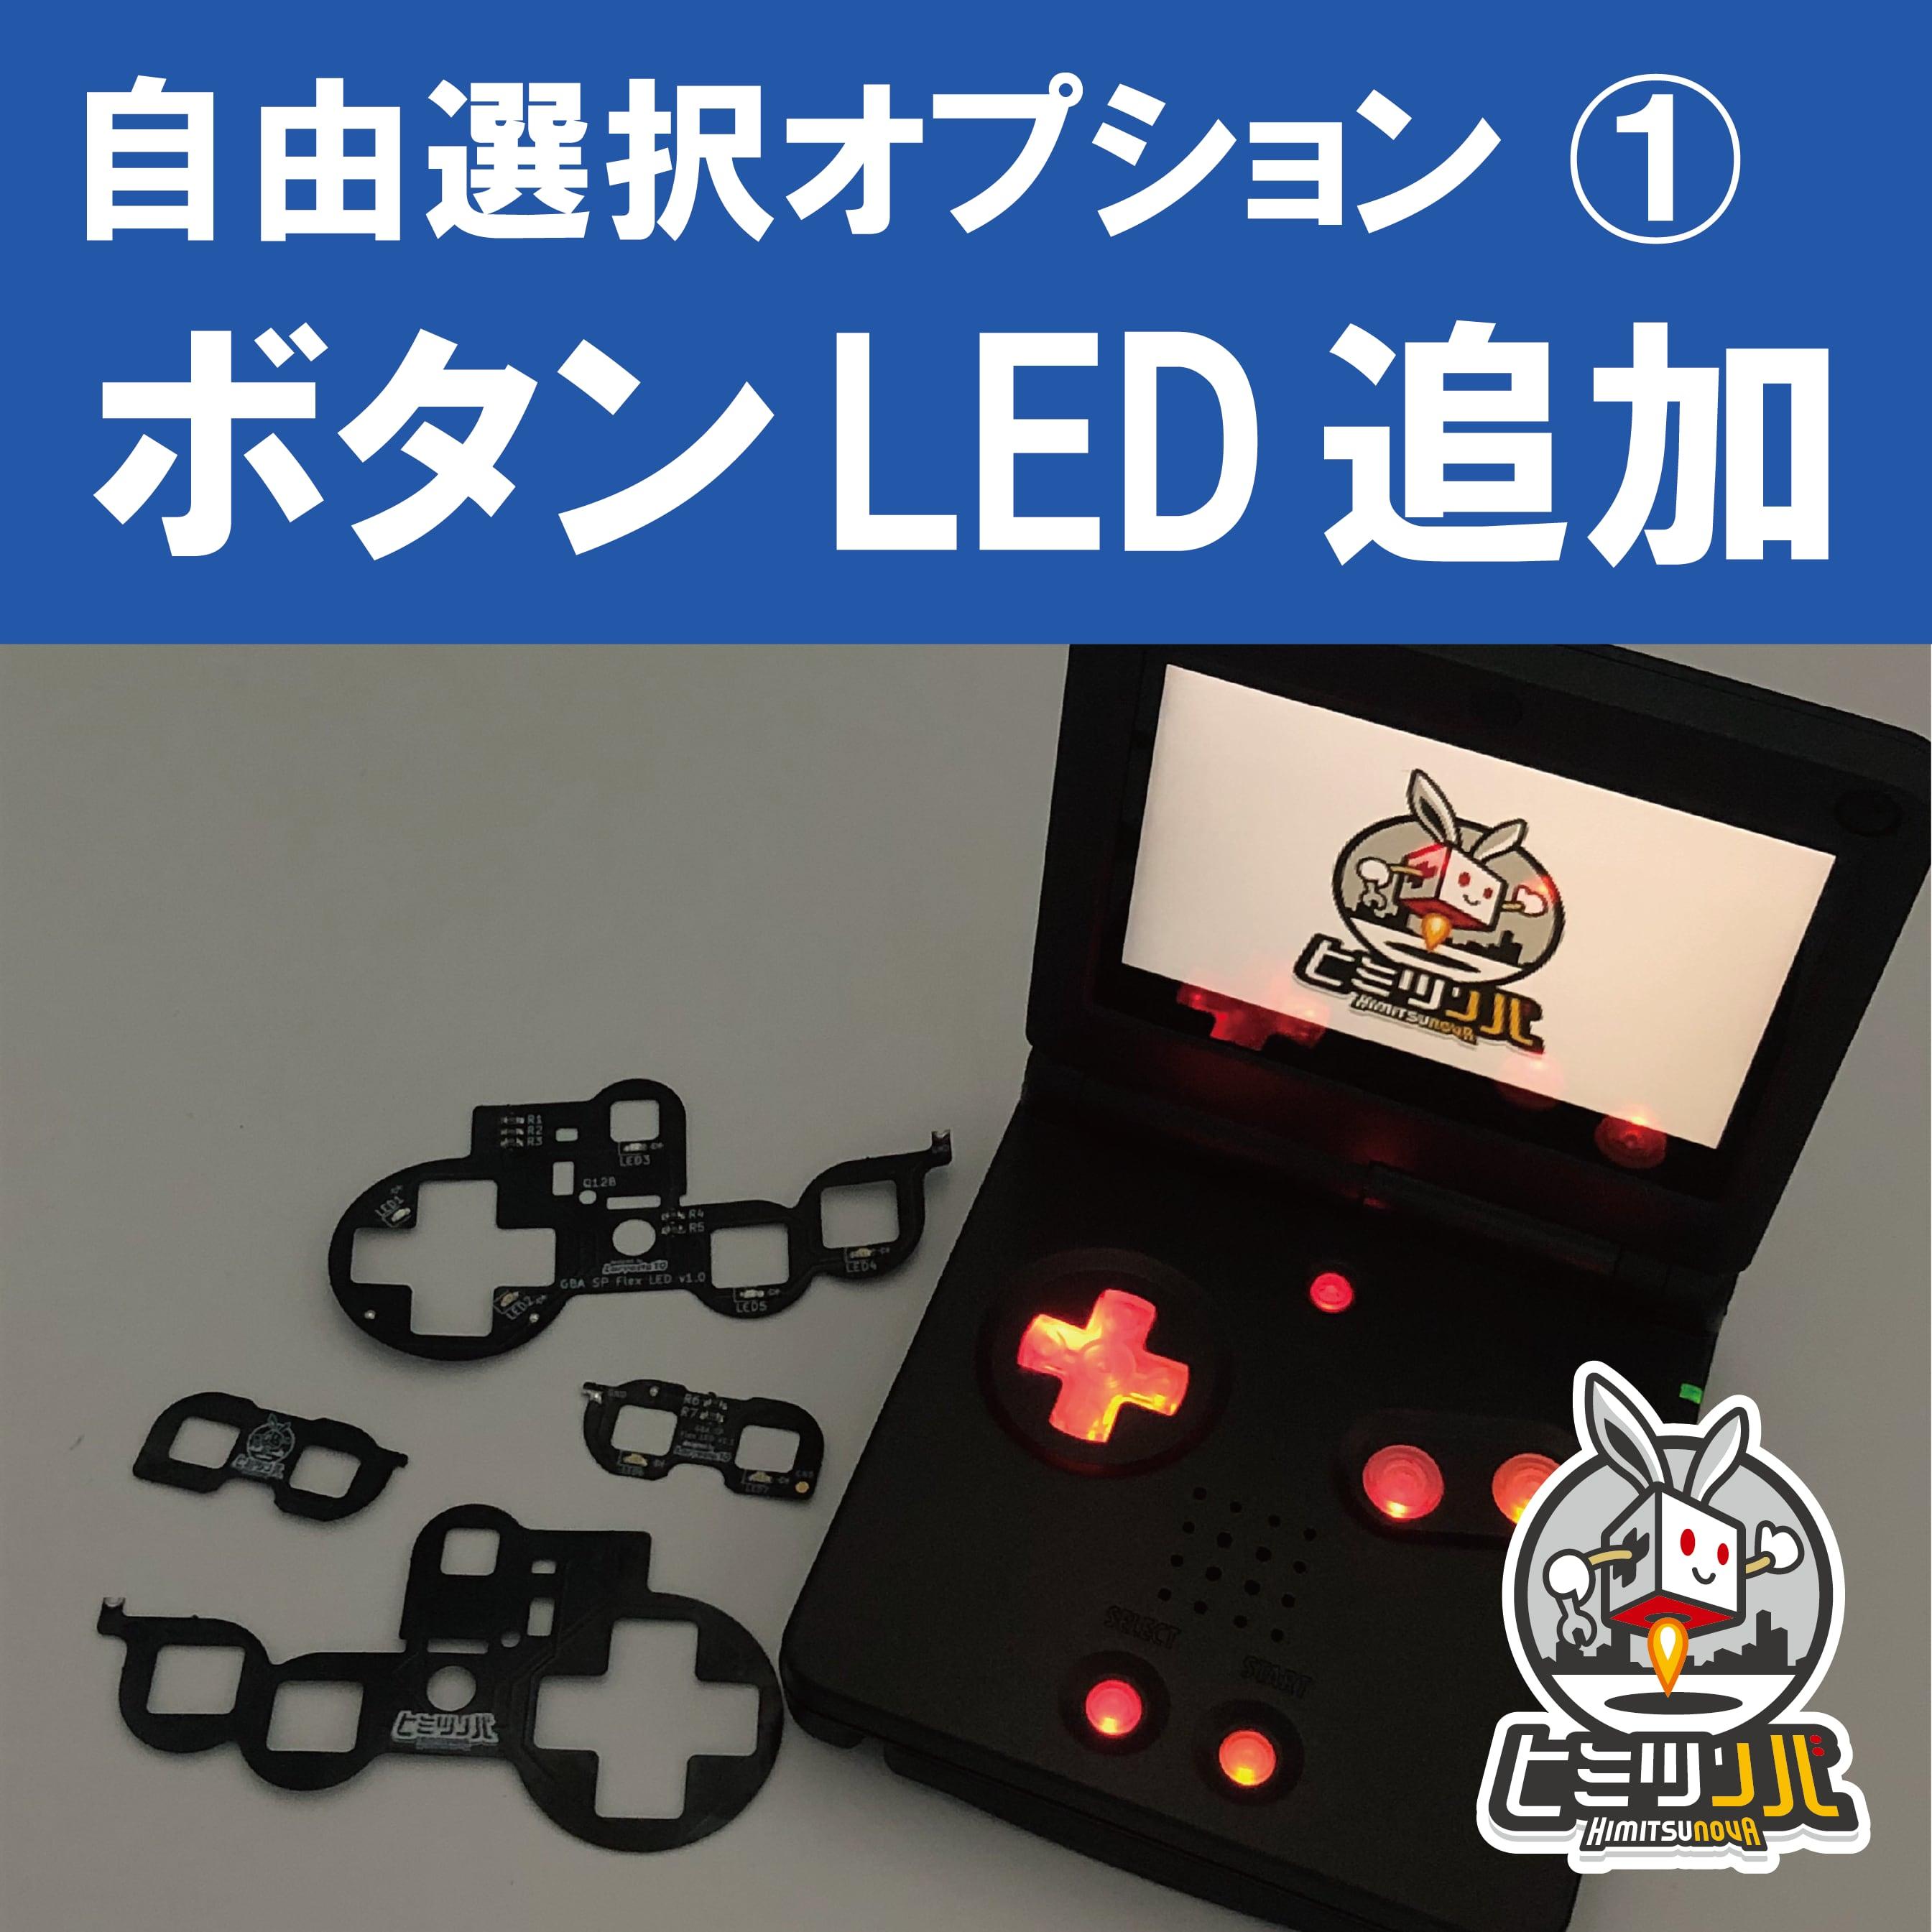 【カスタムオーダー用】GBA SP Flex LED(ボタンLED)